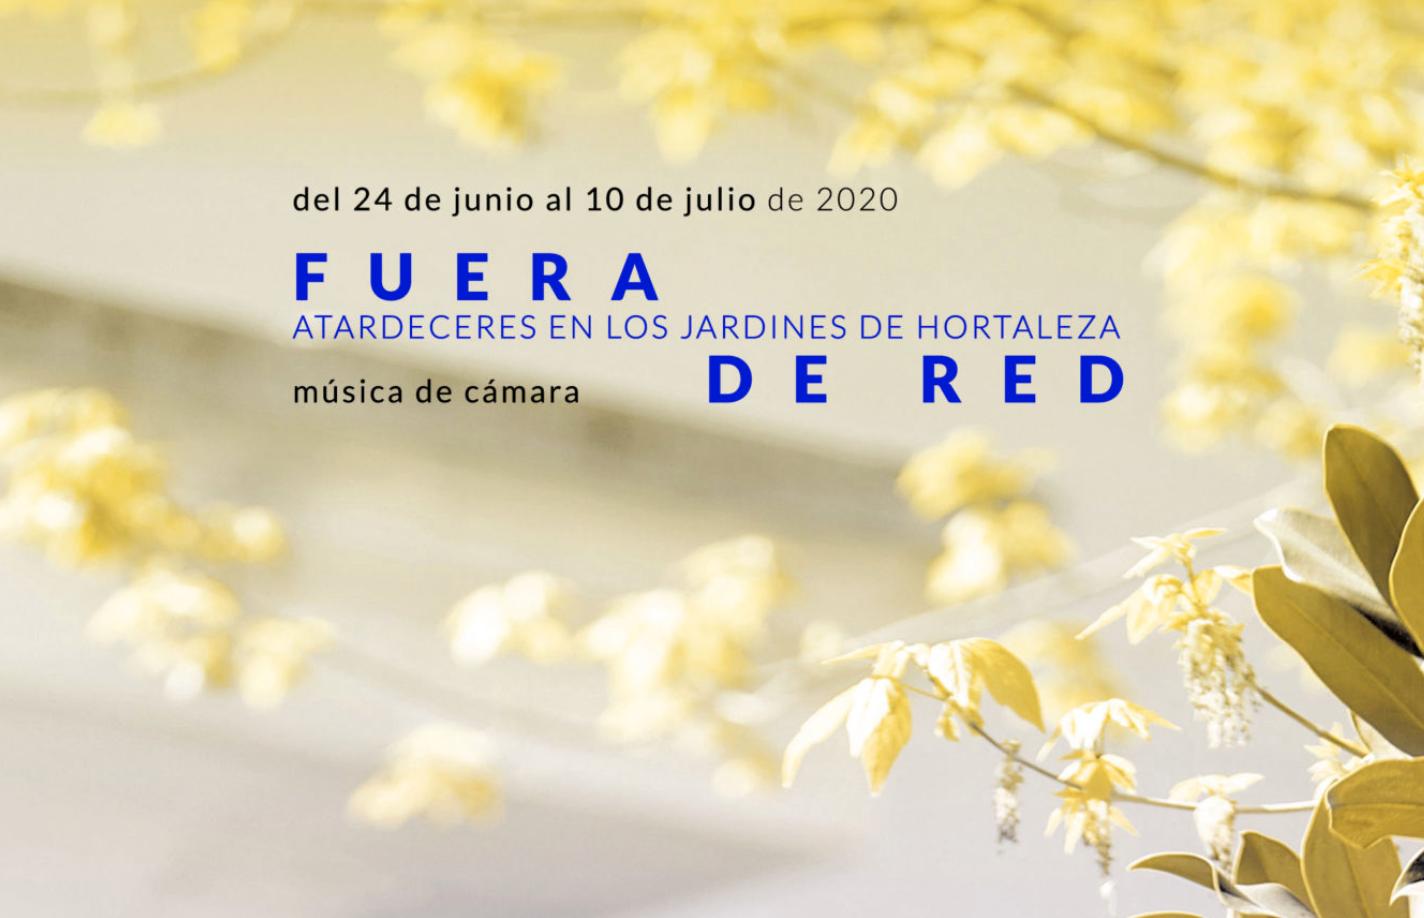 fundacion-orcam-fuera-red